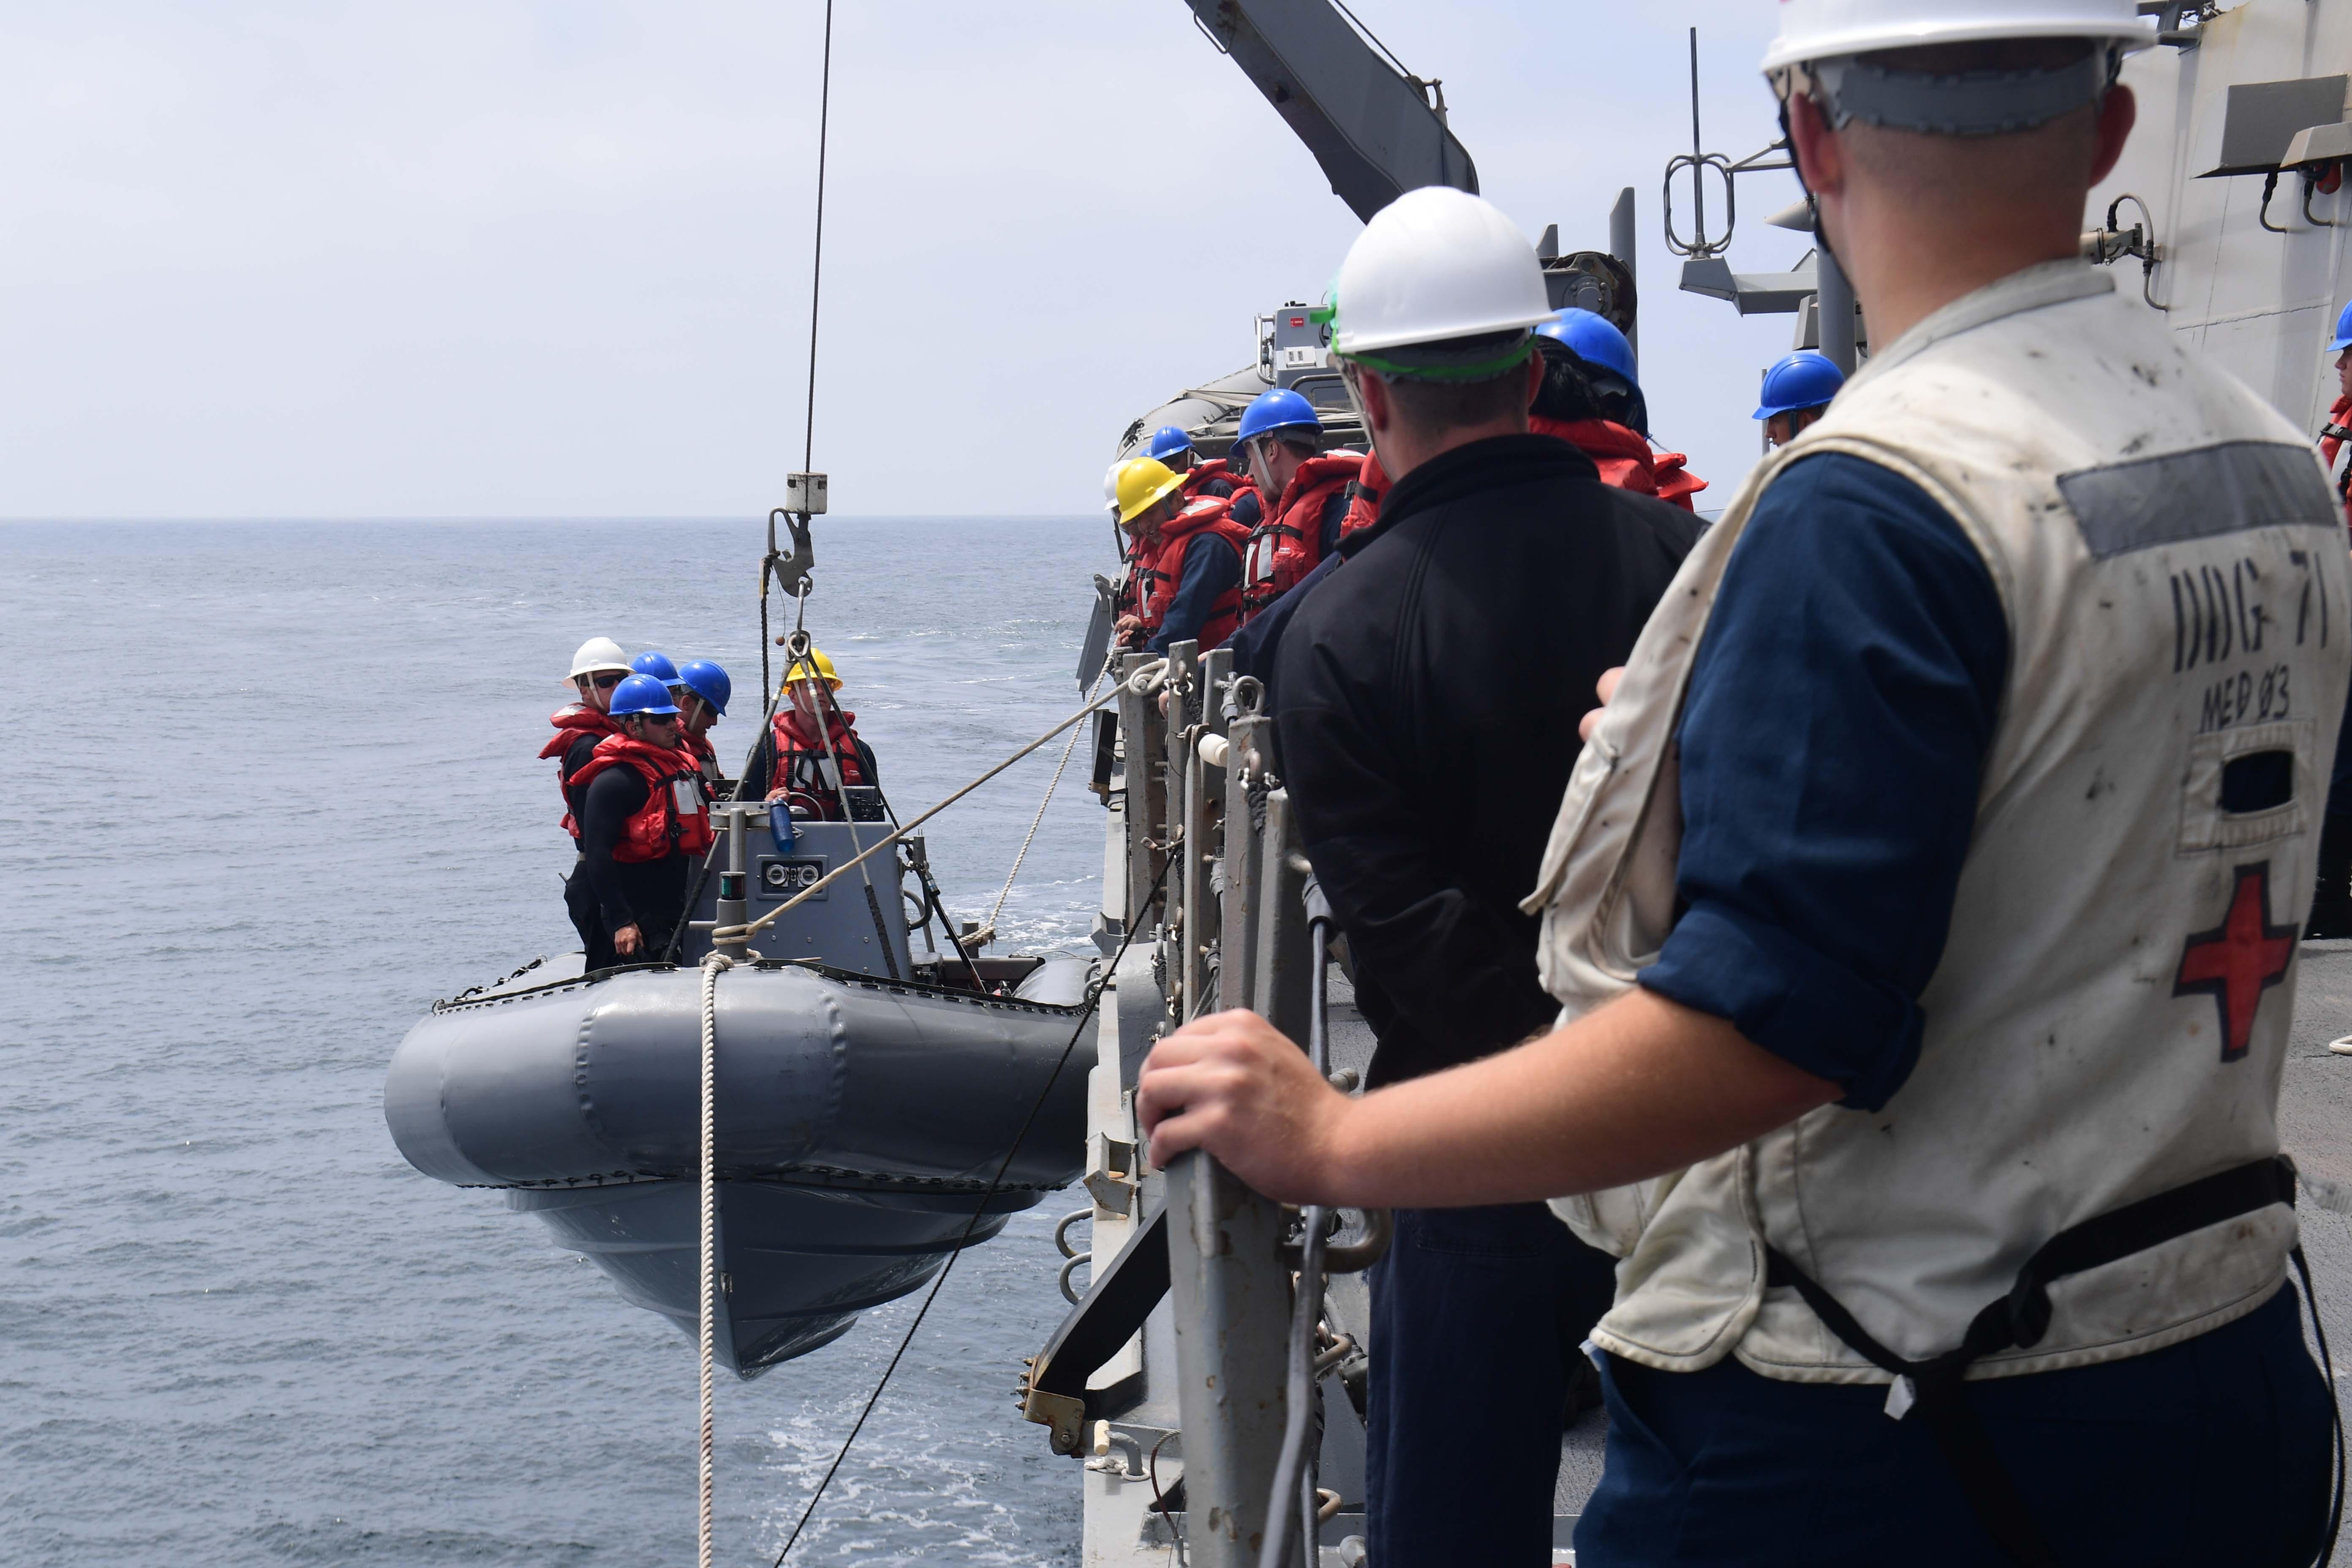 PASSEX 18 - USS ROSS (DDG71) et RMN Tarik Ben Ziyad (613) 42340408660_a110ddc837_o